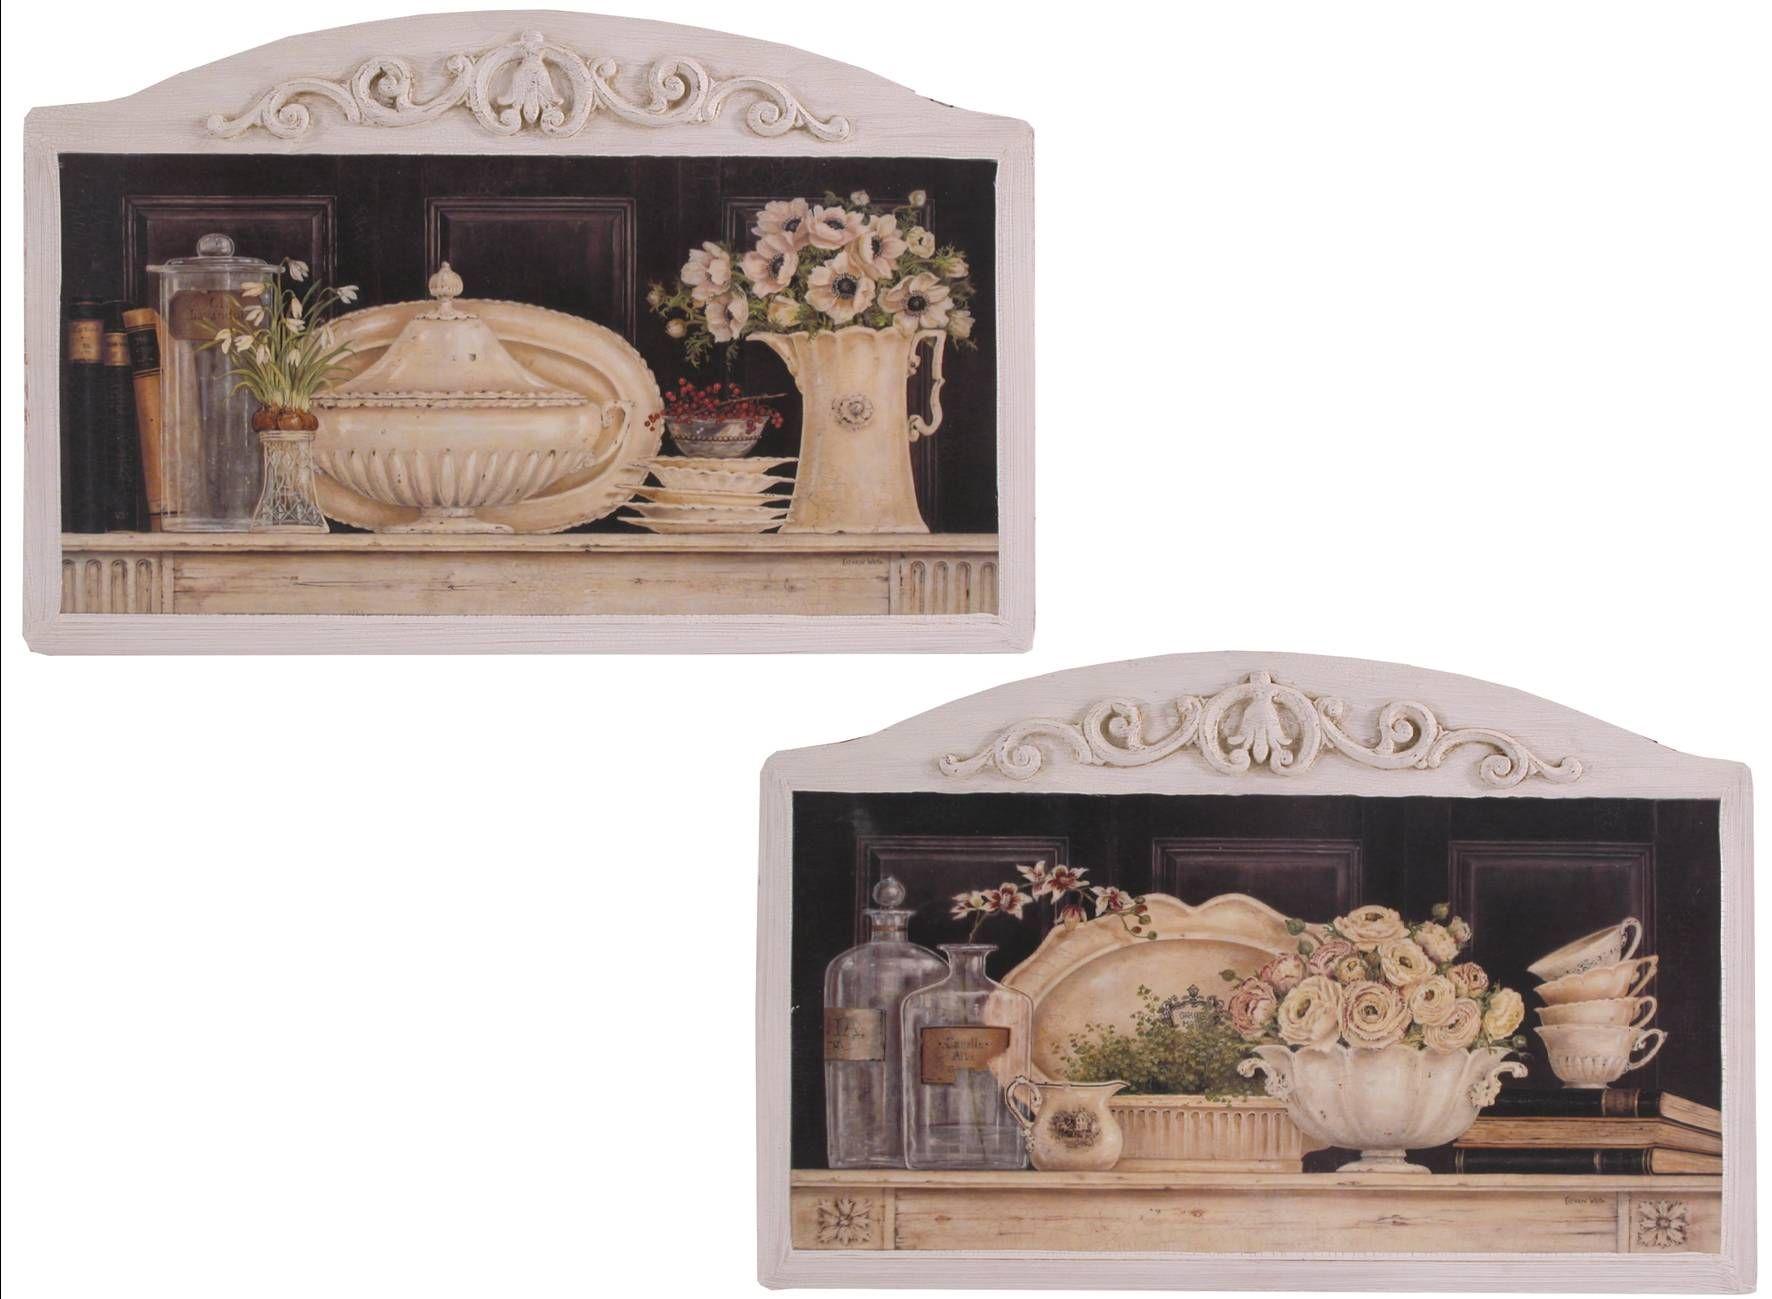 Quadri Classici Per Arredamento i quadri in legno di colore avorio con decorazioni si